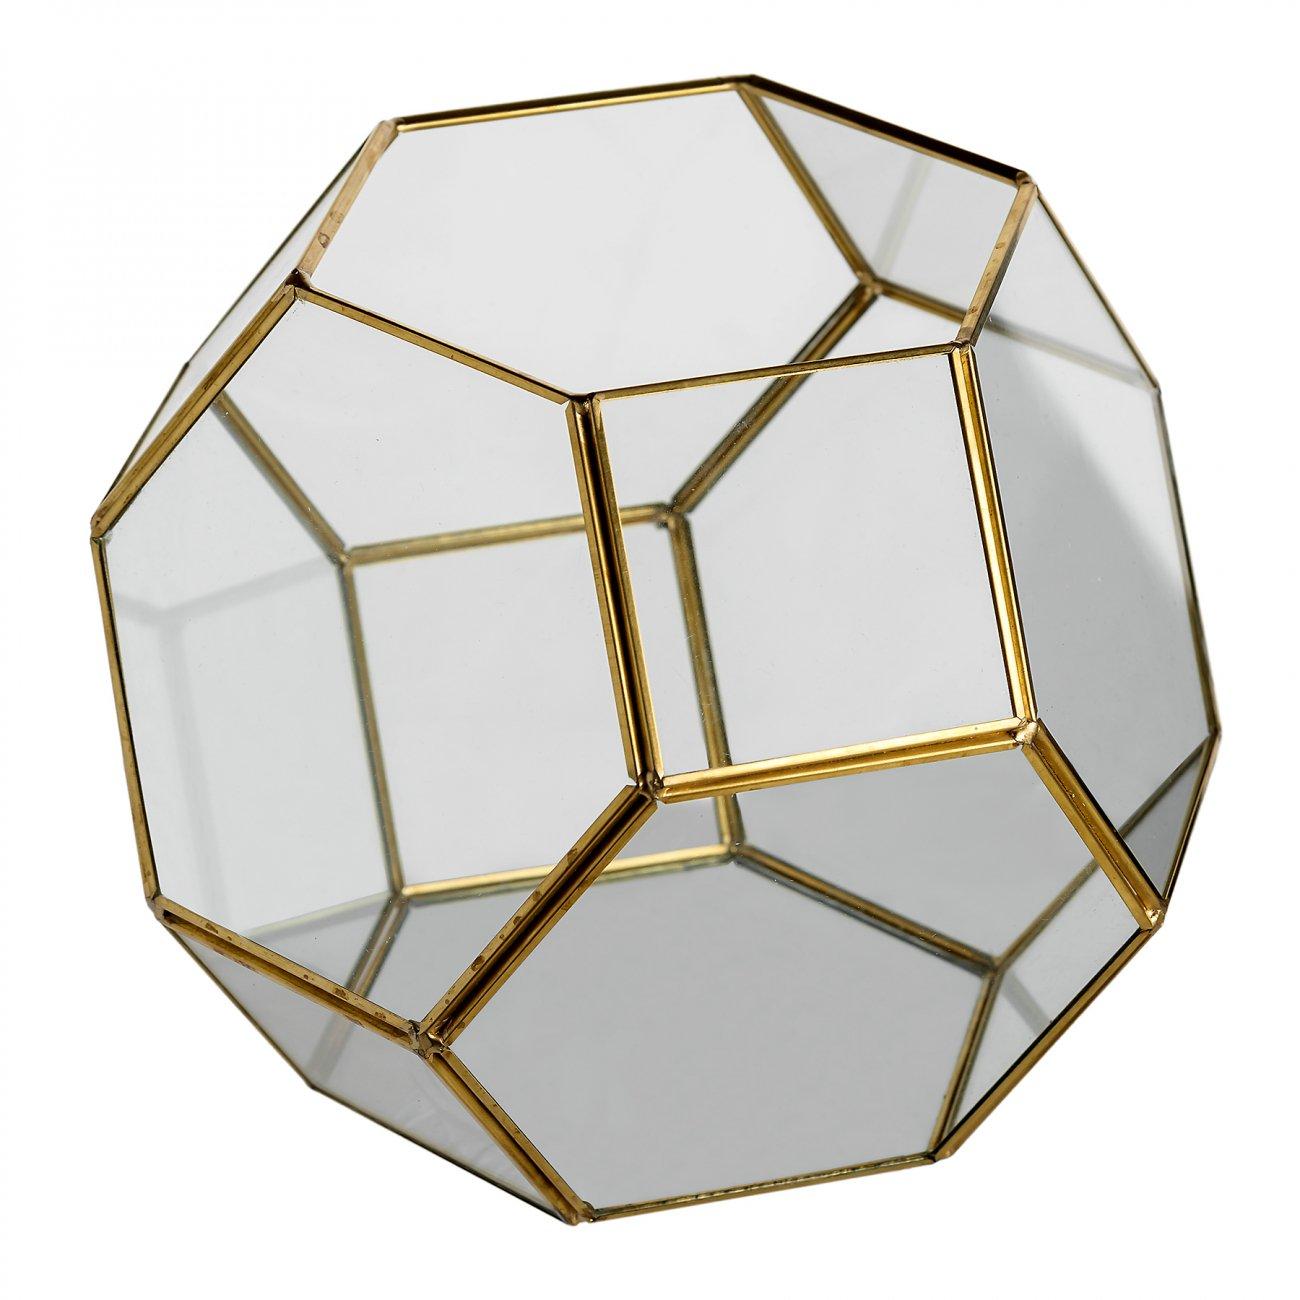 Купить Флорариум стеклянный с золотом в винтажном стиле Honeycomb в интернет магазине дизайнерской мебели и аксессуаров для дома и дачи